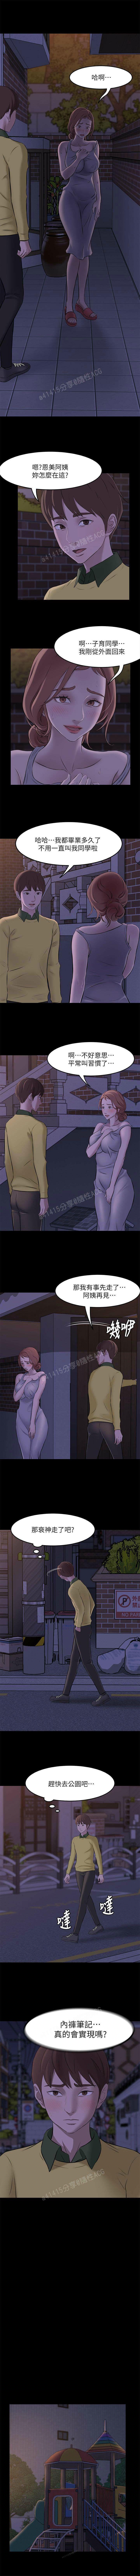 panty note 小褲褲筆記 小裤裤笔记 01-35 连载中 中文 重新排序 Reorder 15